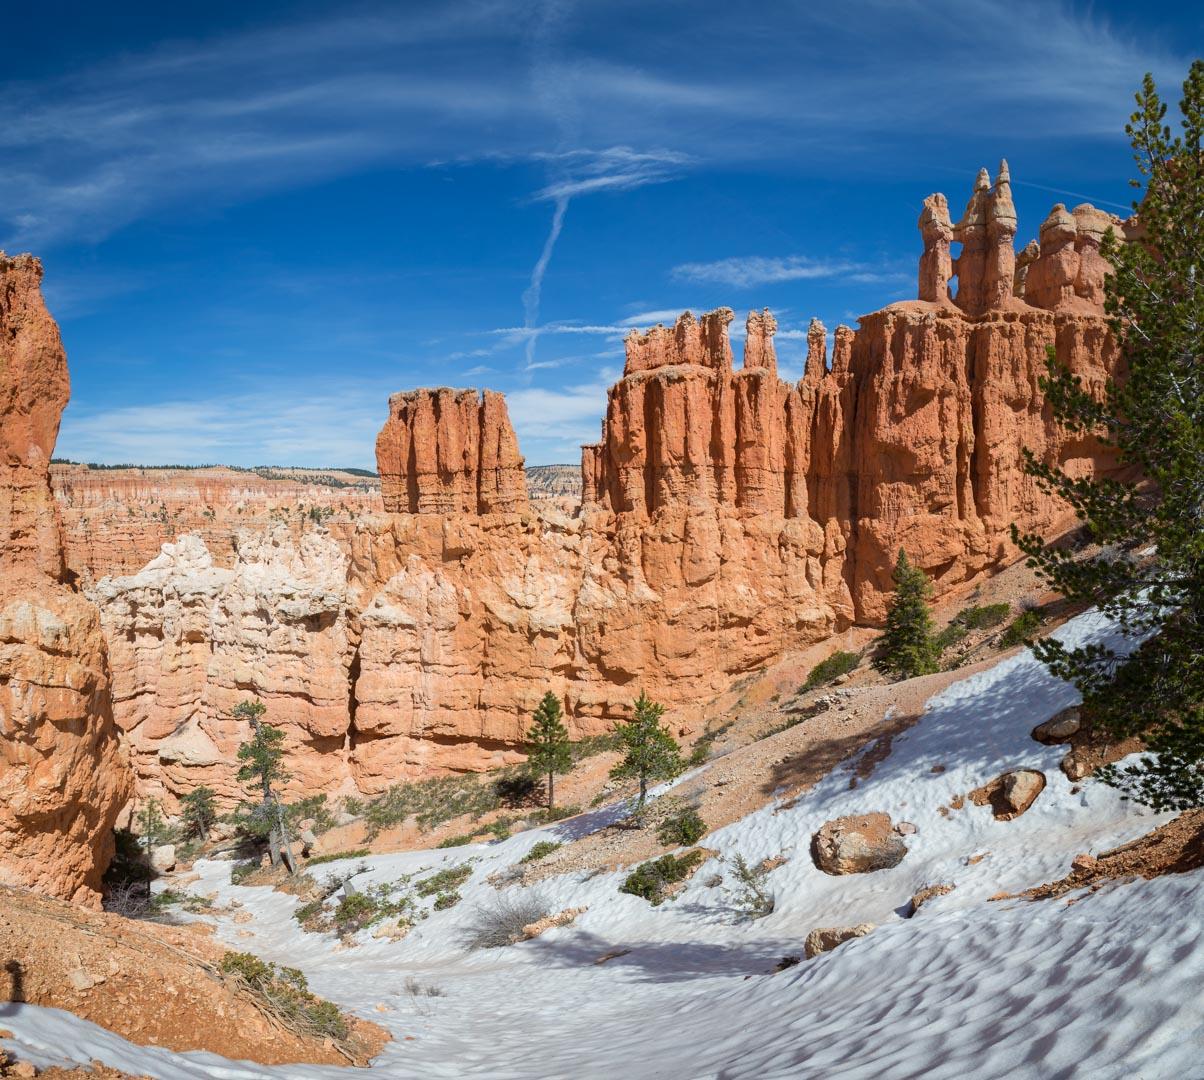 Les concrétions caractéristiques du Bryce Canyon